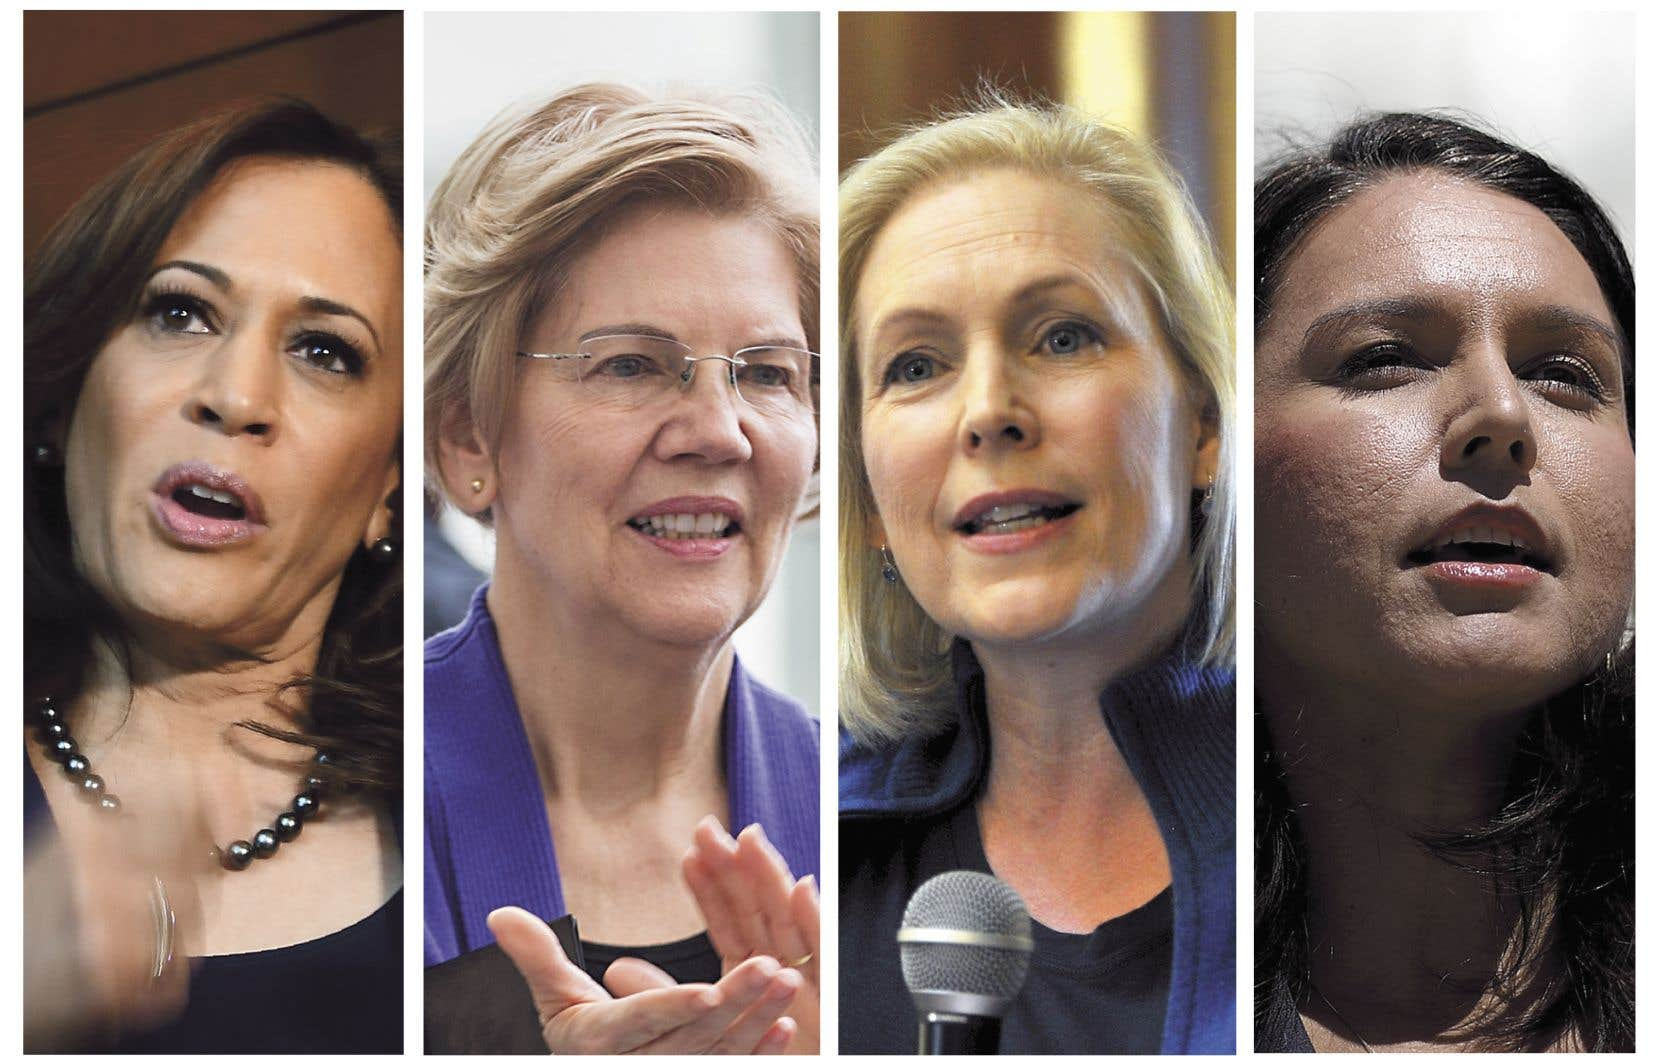 De gauche à droite: Kamala Harris, Elizabeth Warren, Kirsten Gillibrand, Tulsi Gabbard se sont toutes lancées dans la course à l'investiture démocrate.